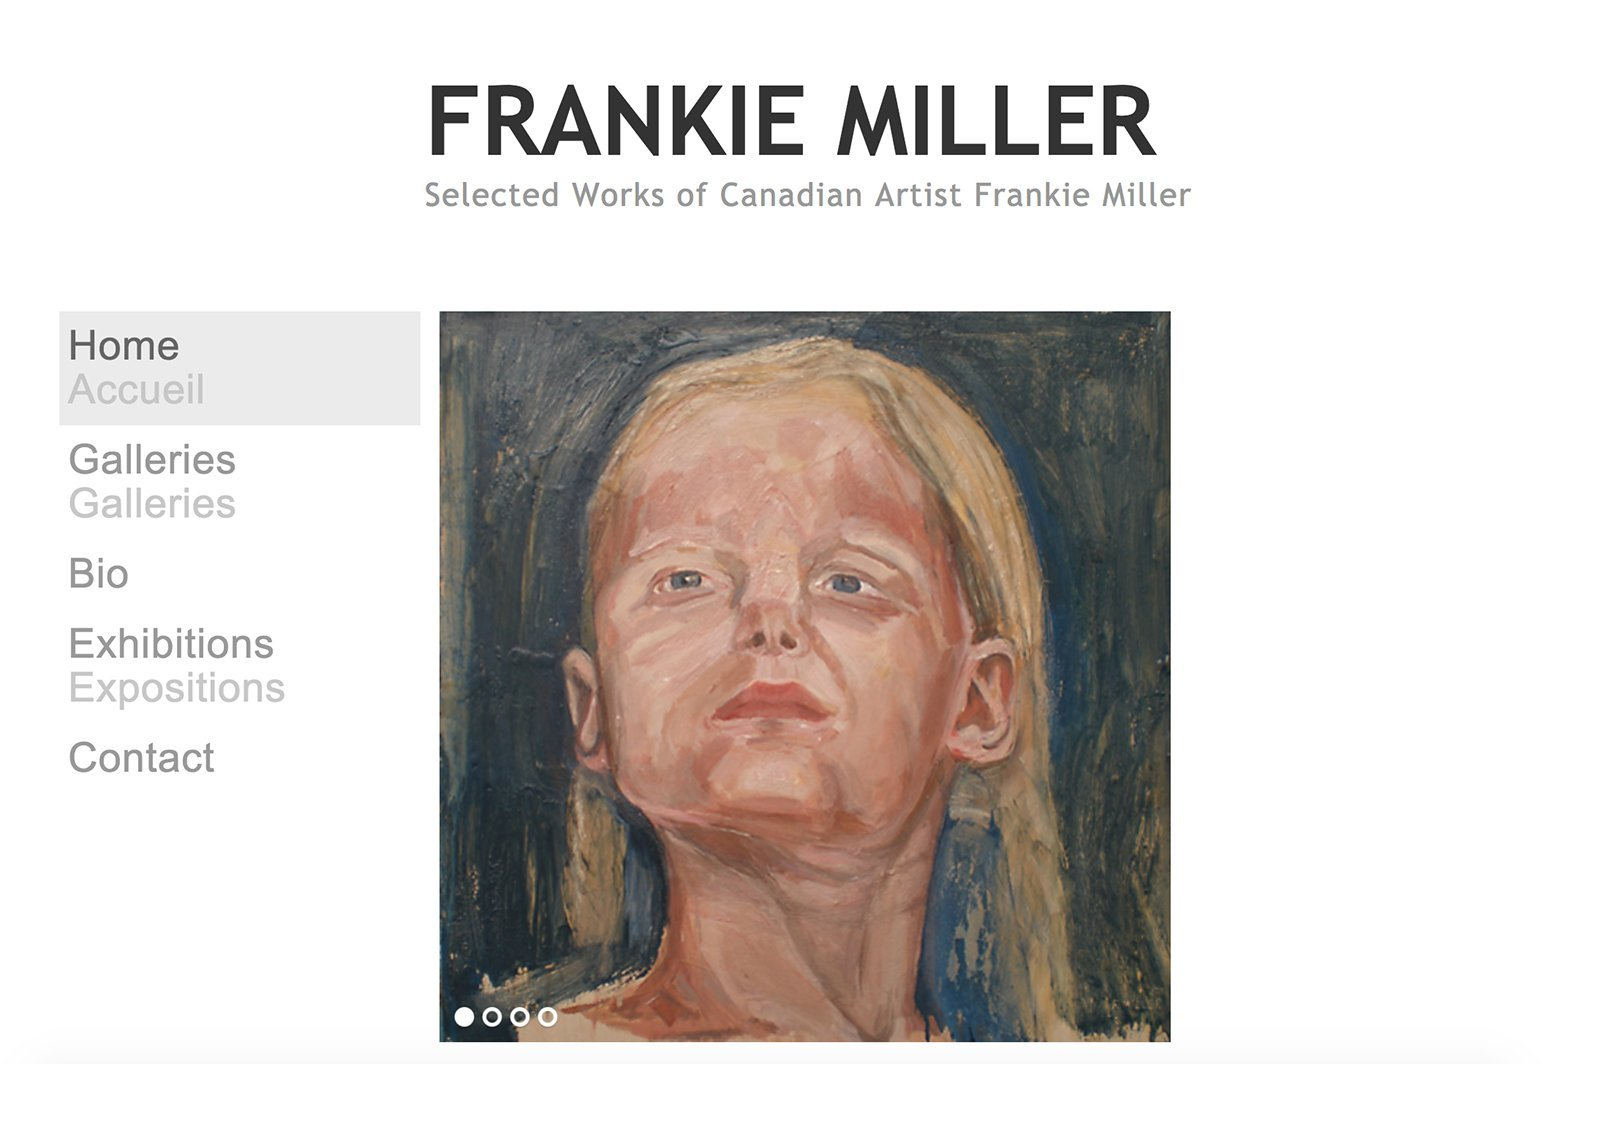 Frankie-Miller, Artist Portfolio Design